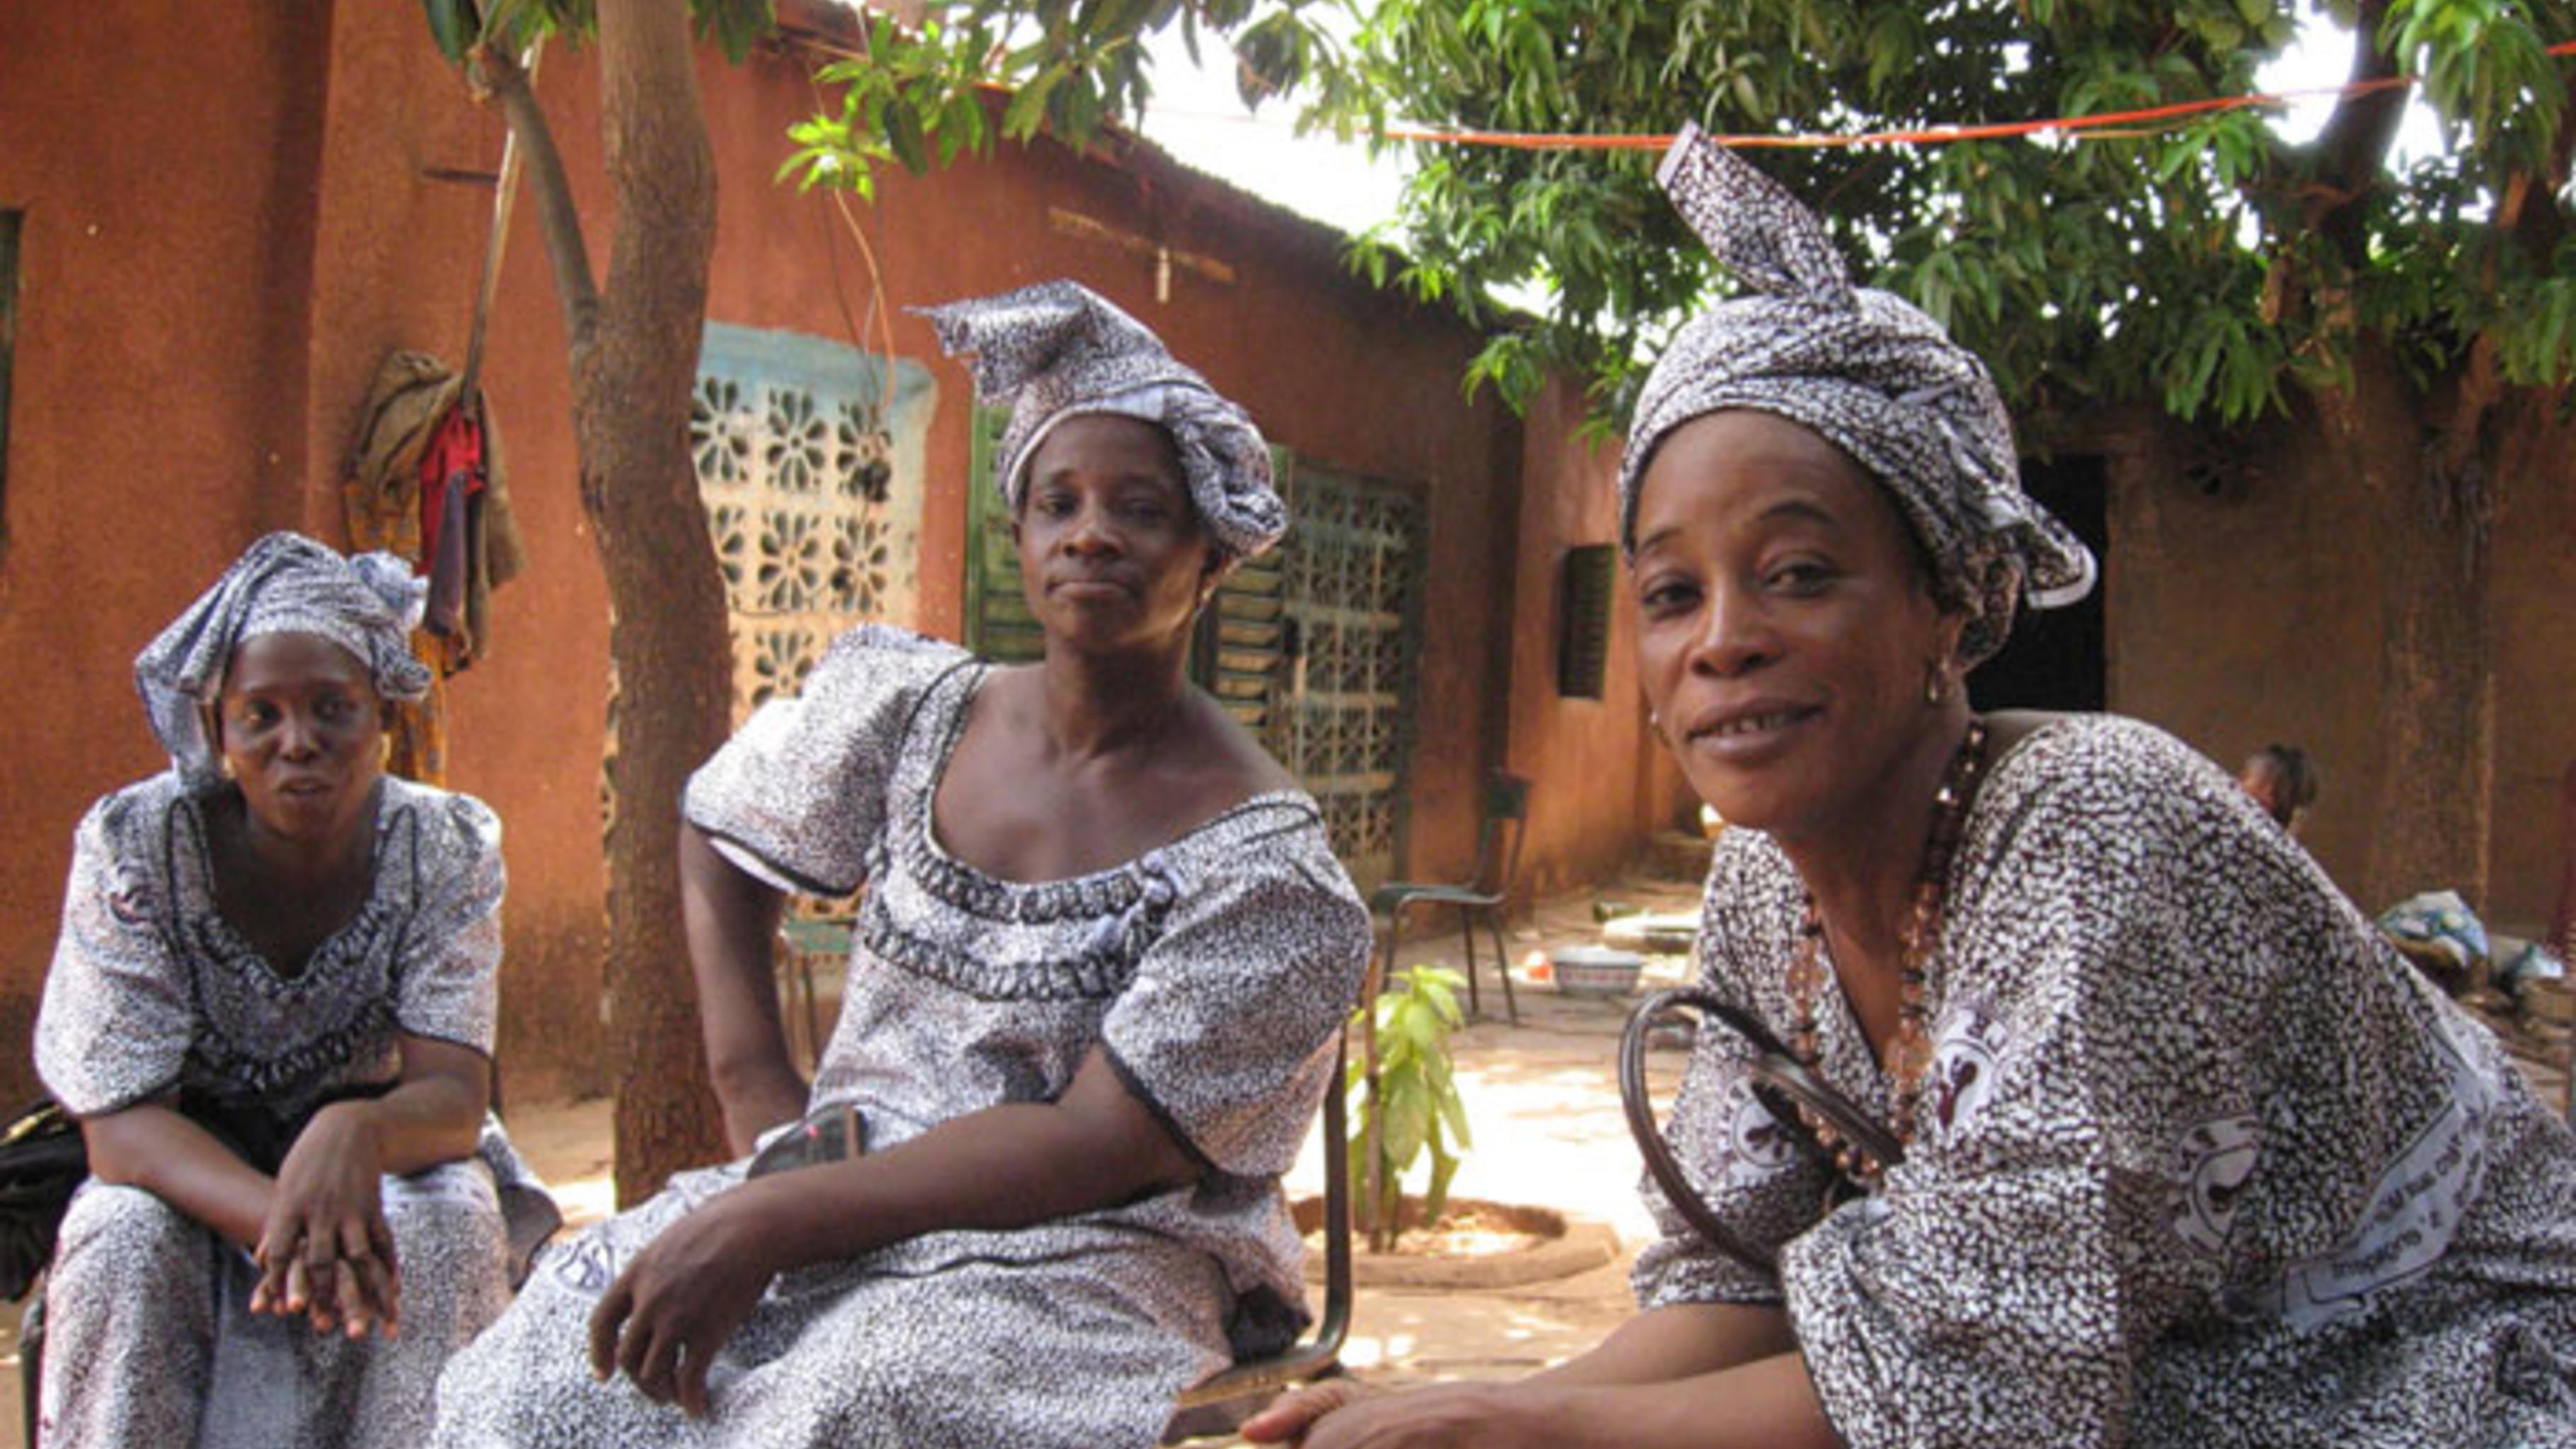 Beschnittene Frauen Afrika